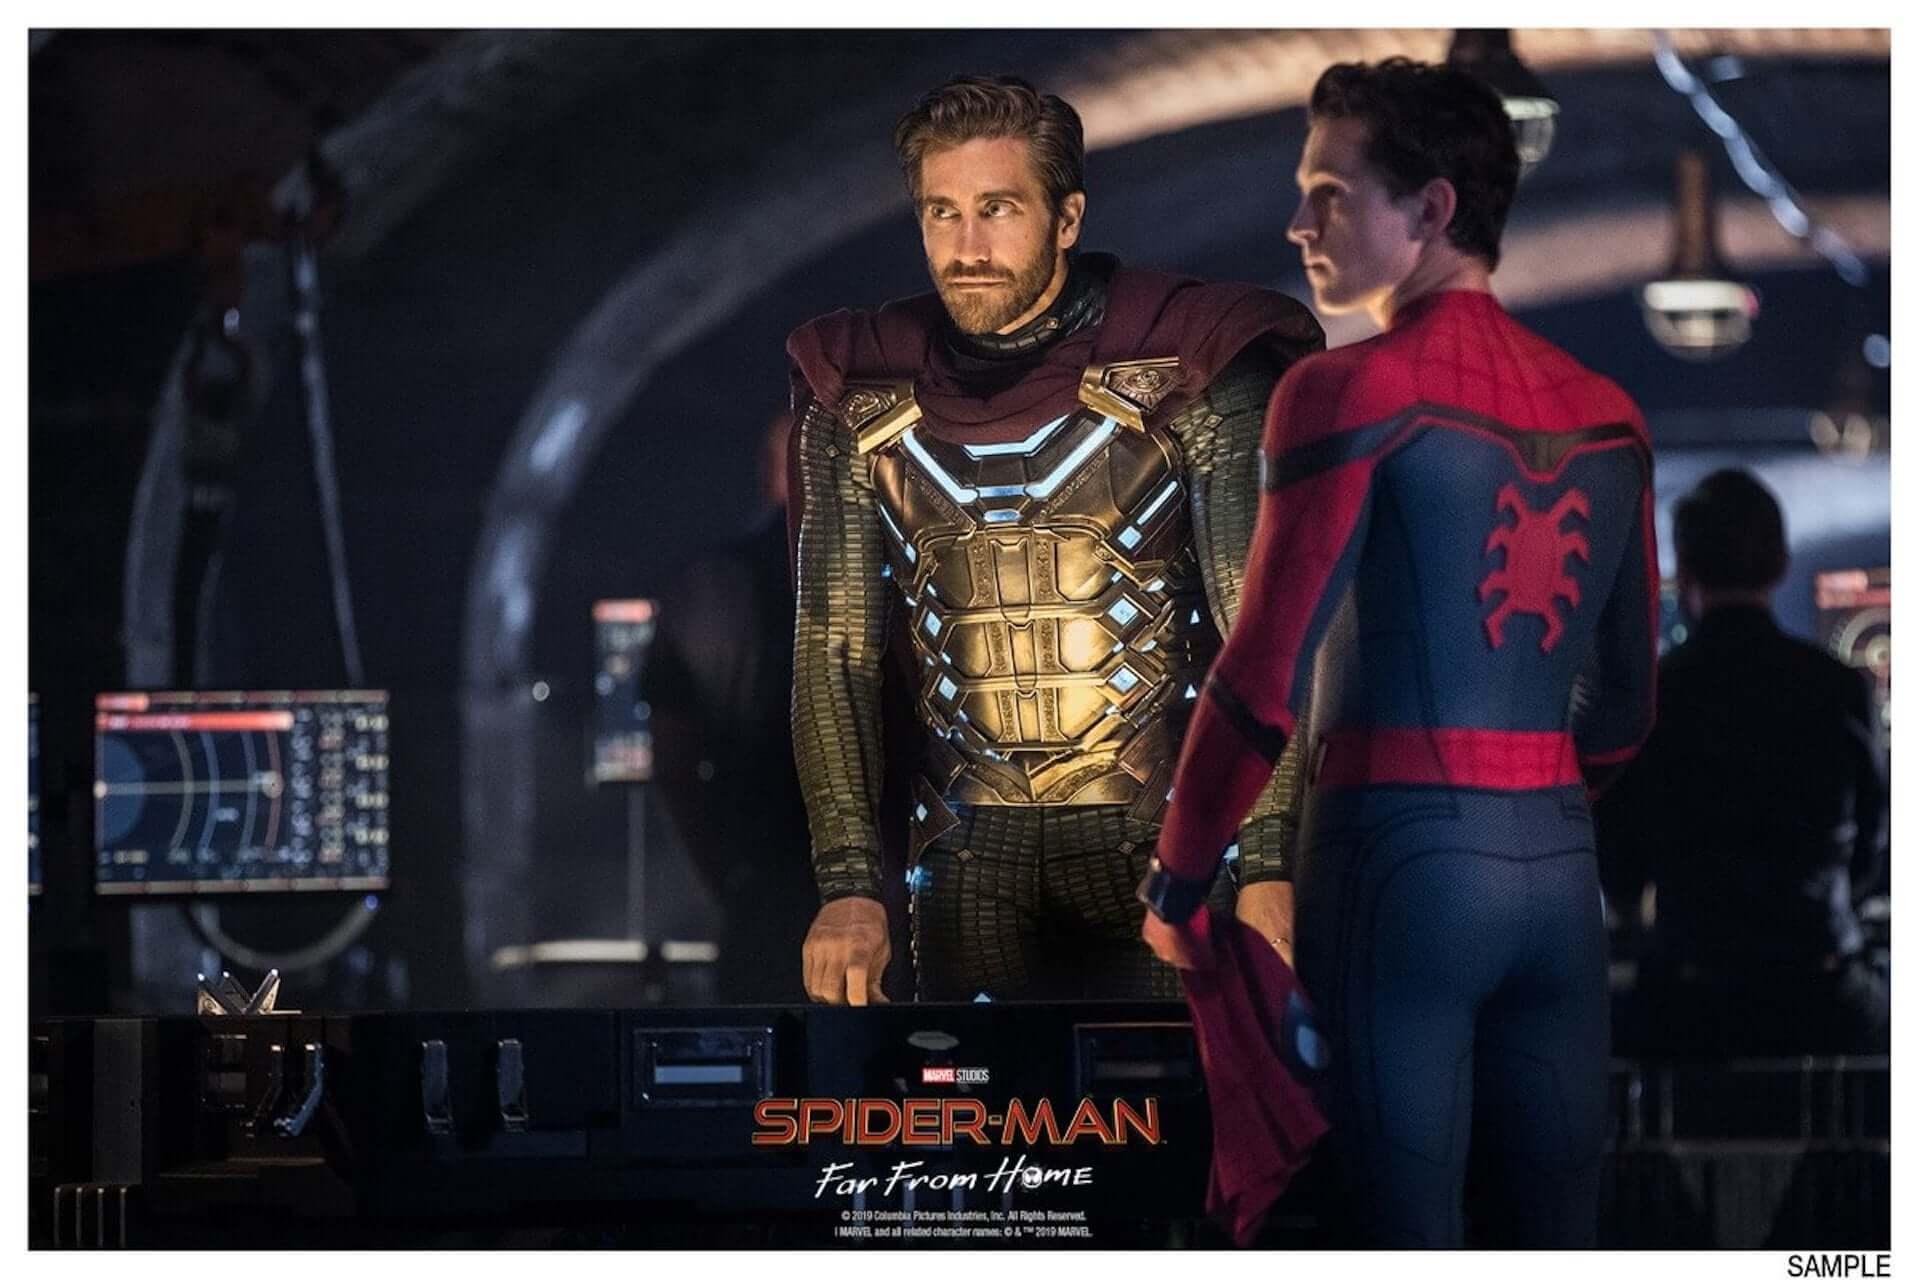 あの名場面が蘇る!?『スパイダーマン』『ヴェノム』の世界に入り込んで撮影できるフォトブースが東京コミコンに登場 film191118_sonycomicon8-1920x1280